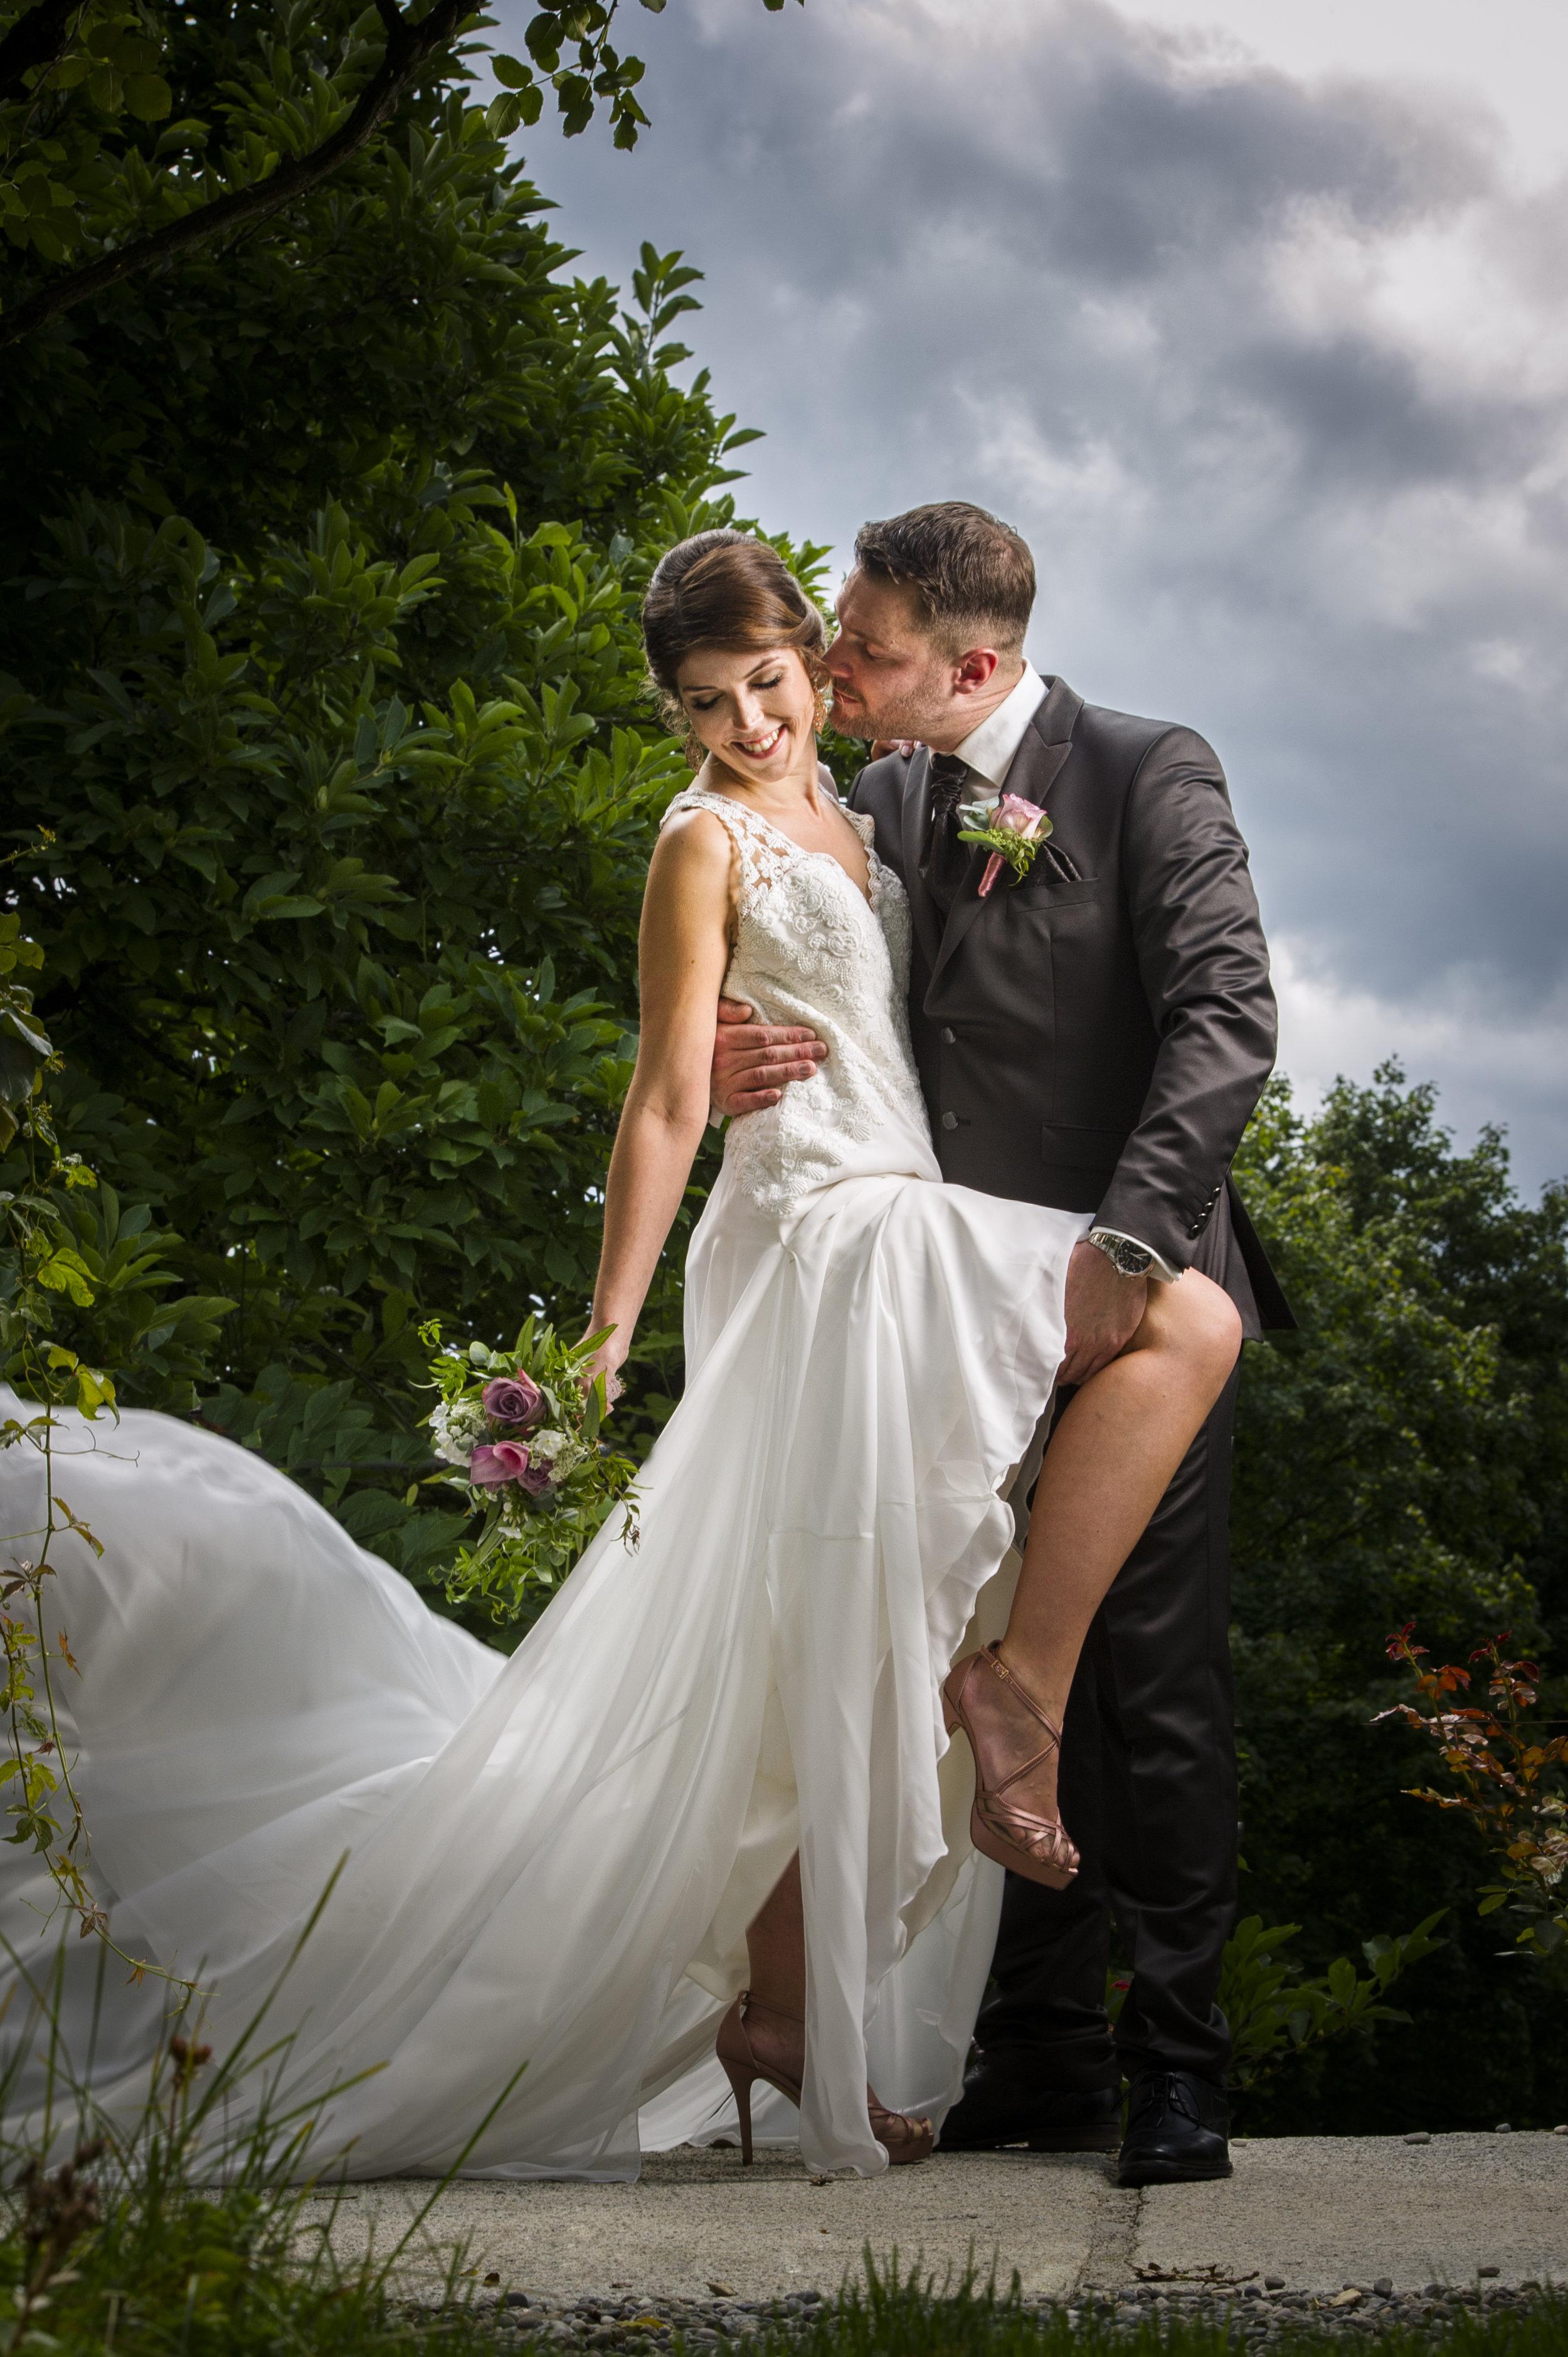 Auch ein schönes Paar in einer schönen Umgebung, aber an einer echten Hochzeit entstanden.